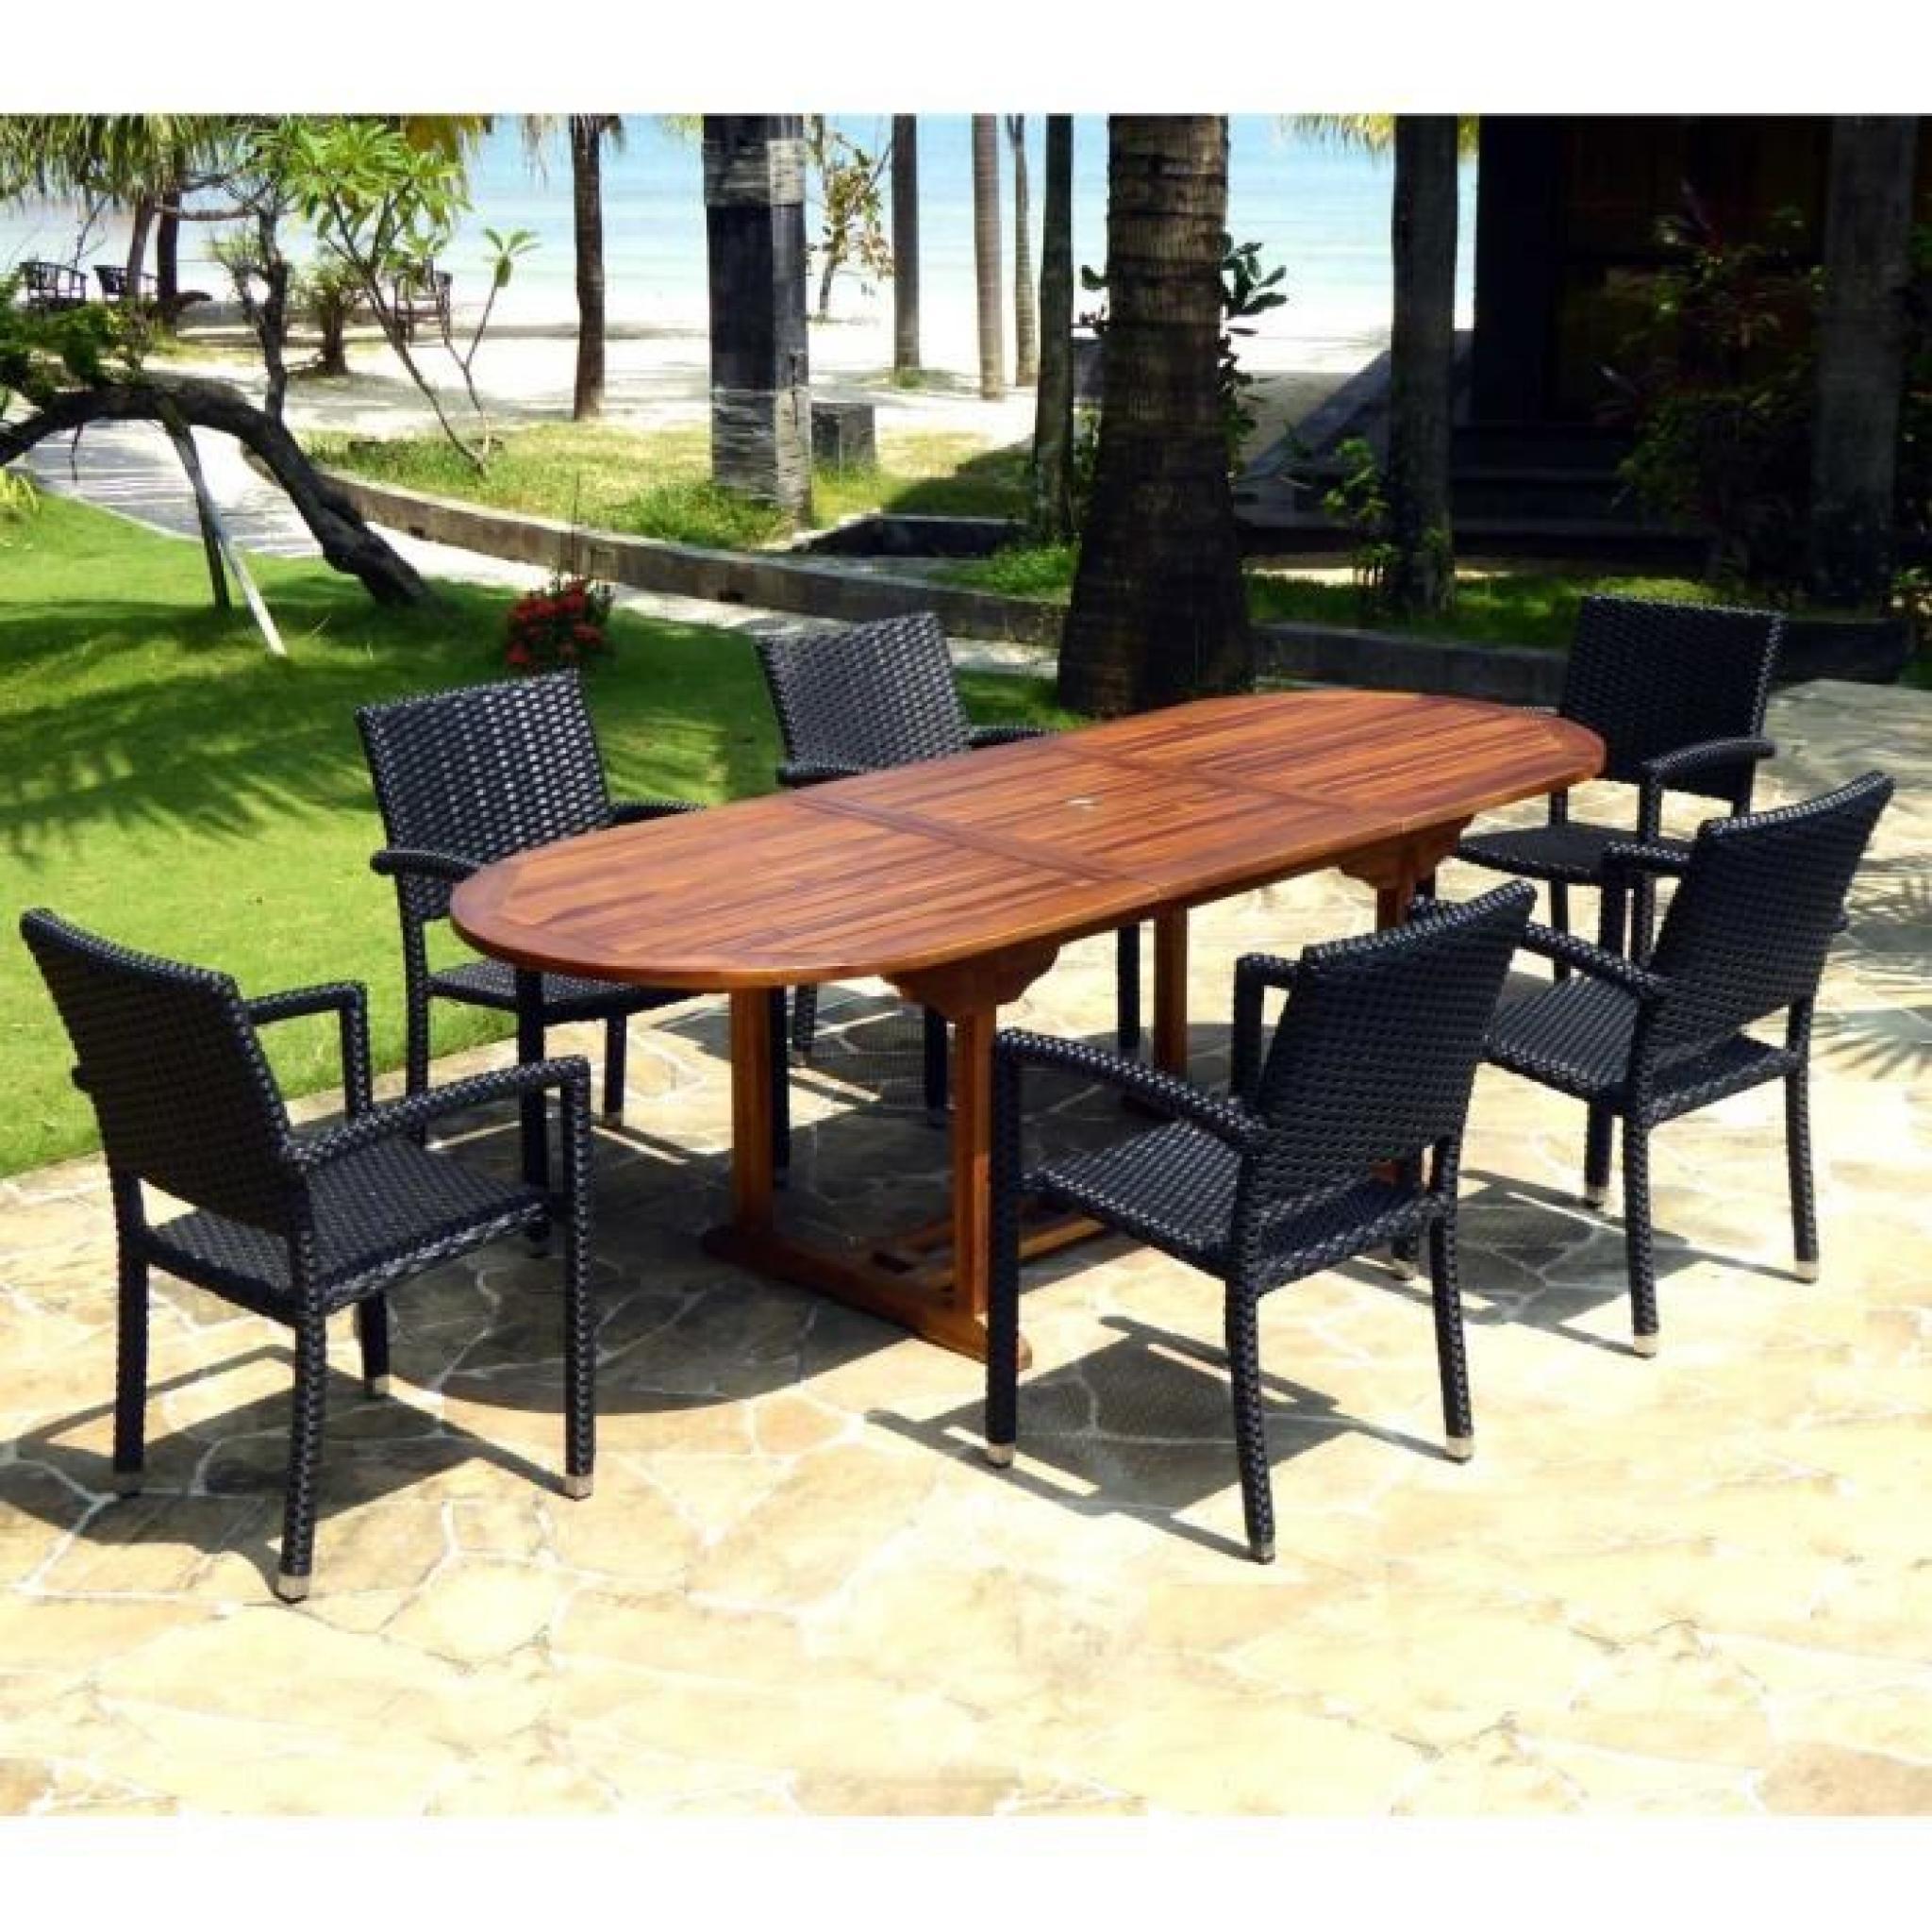 salon de jardin en teck huilé table 240 cm 6 fauteuils résine noire